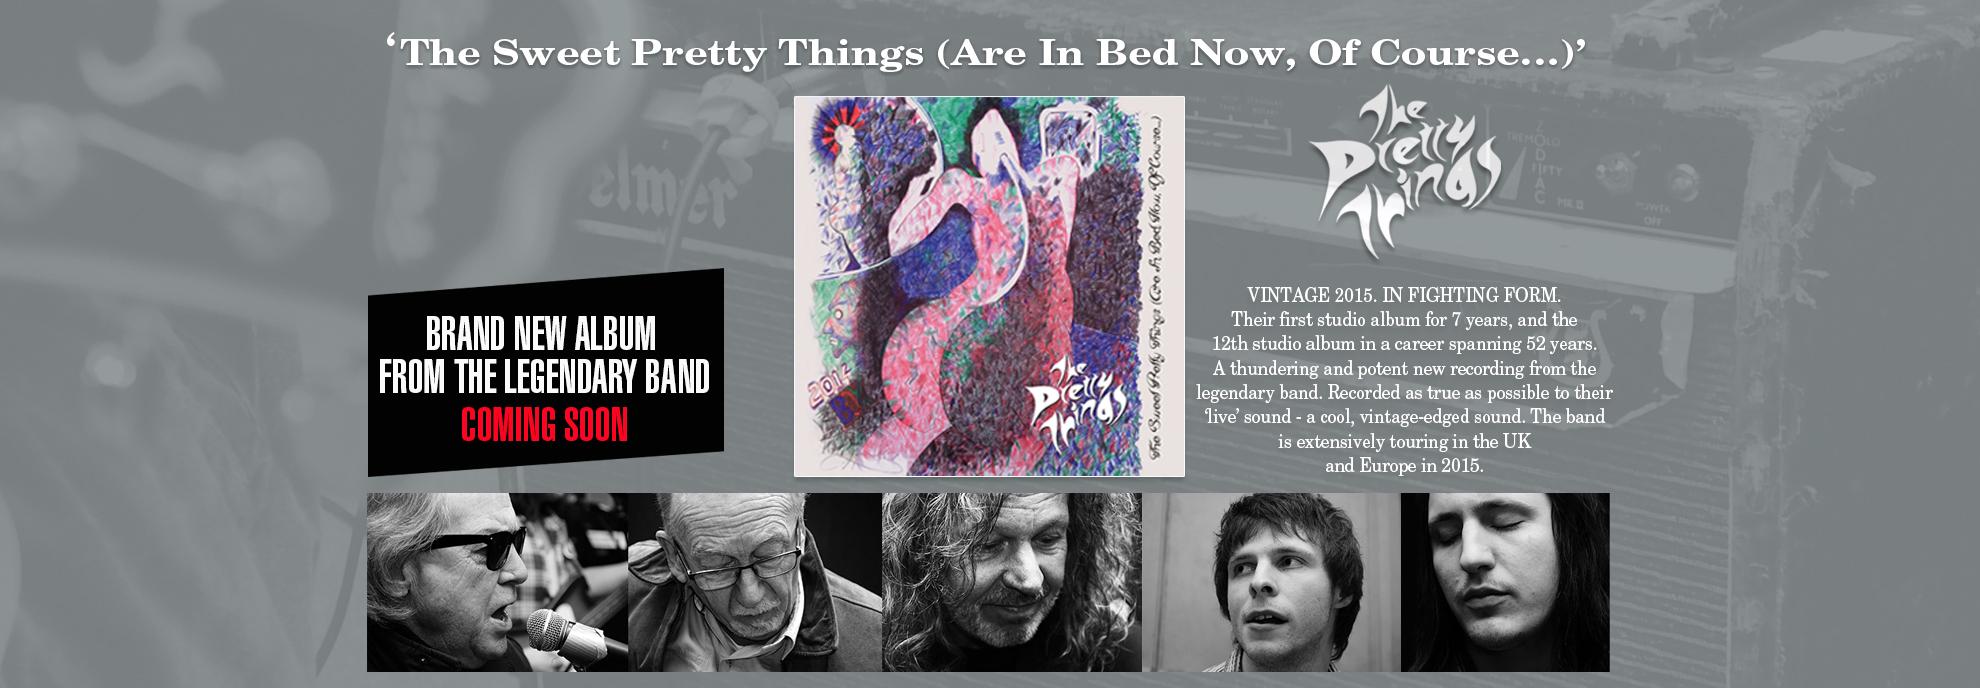 Pretty-Things-new-album-ad